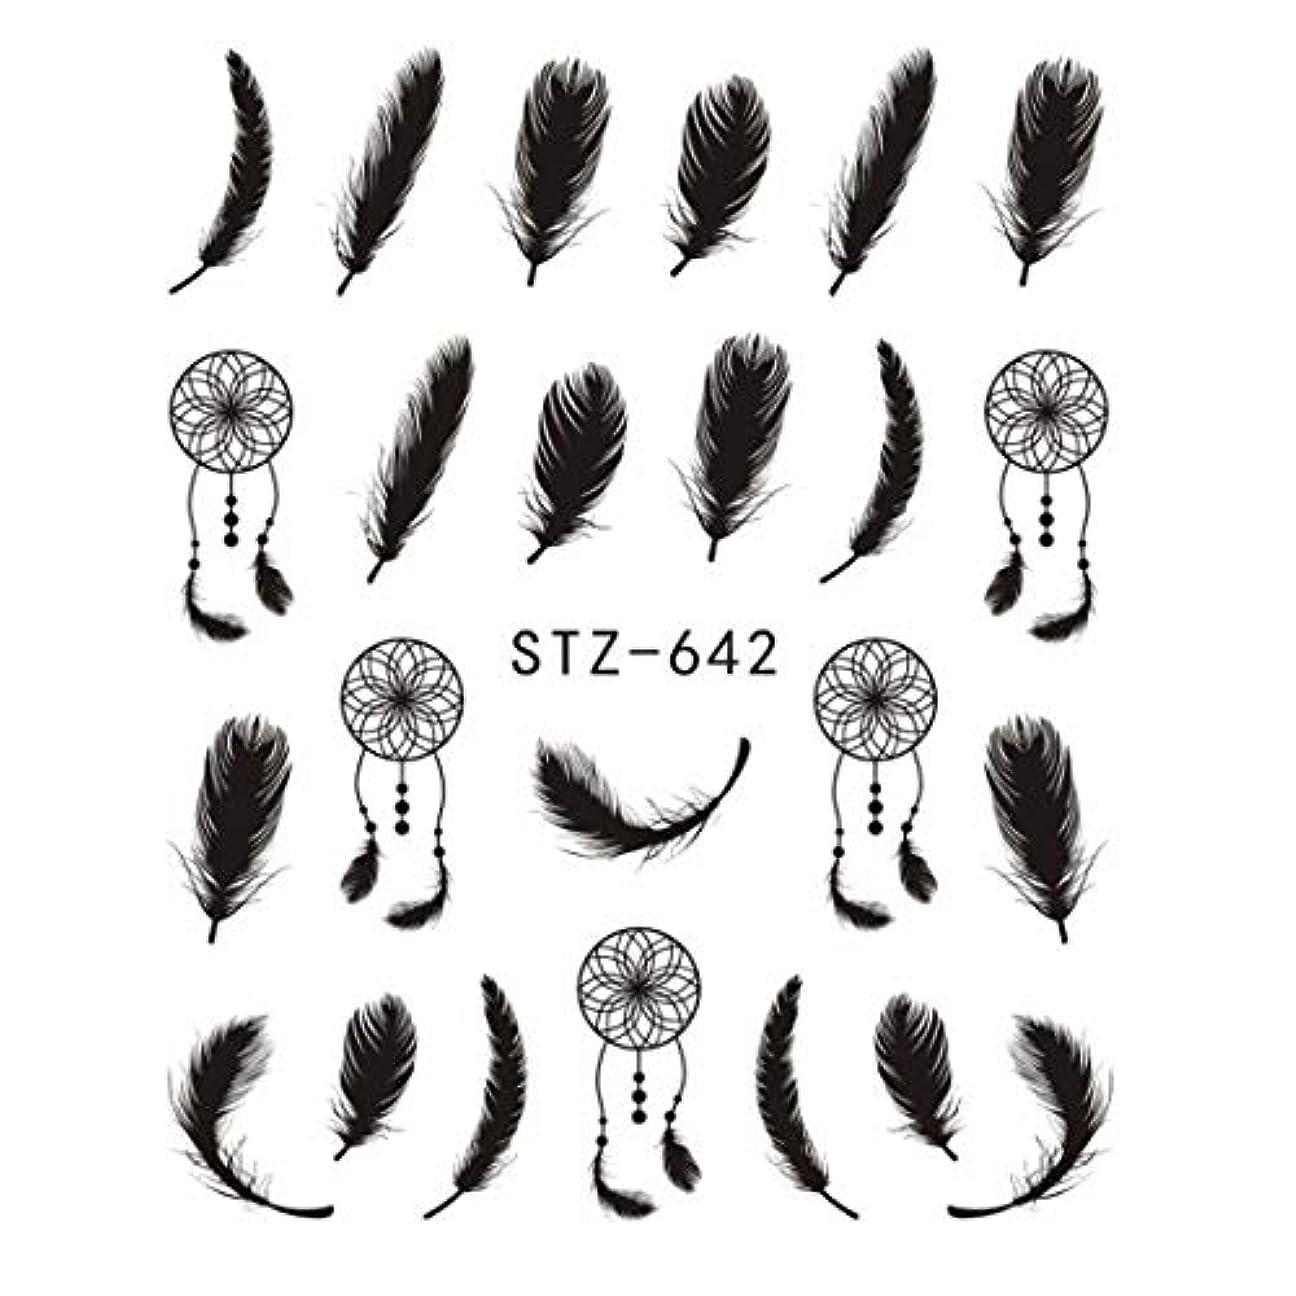 トランジスタファーム測定SUKTI&XIAO ネイルステッカー 1Pcシンプルな芸術的な黒ステンシルネイルアート水転写ステッカージェルネイル、Stz642用の完全な装飾